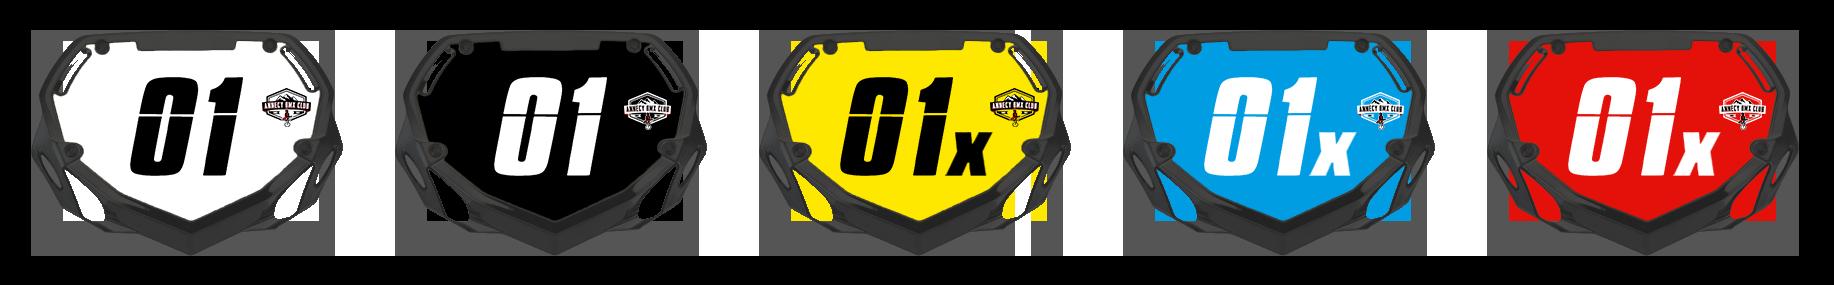 Plaques de BMX race